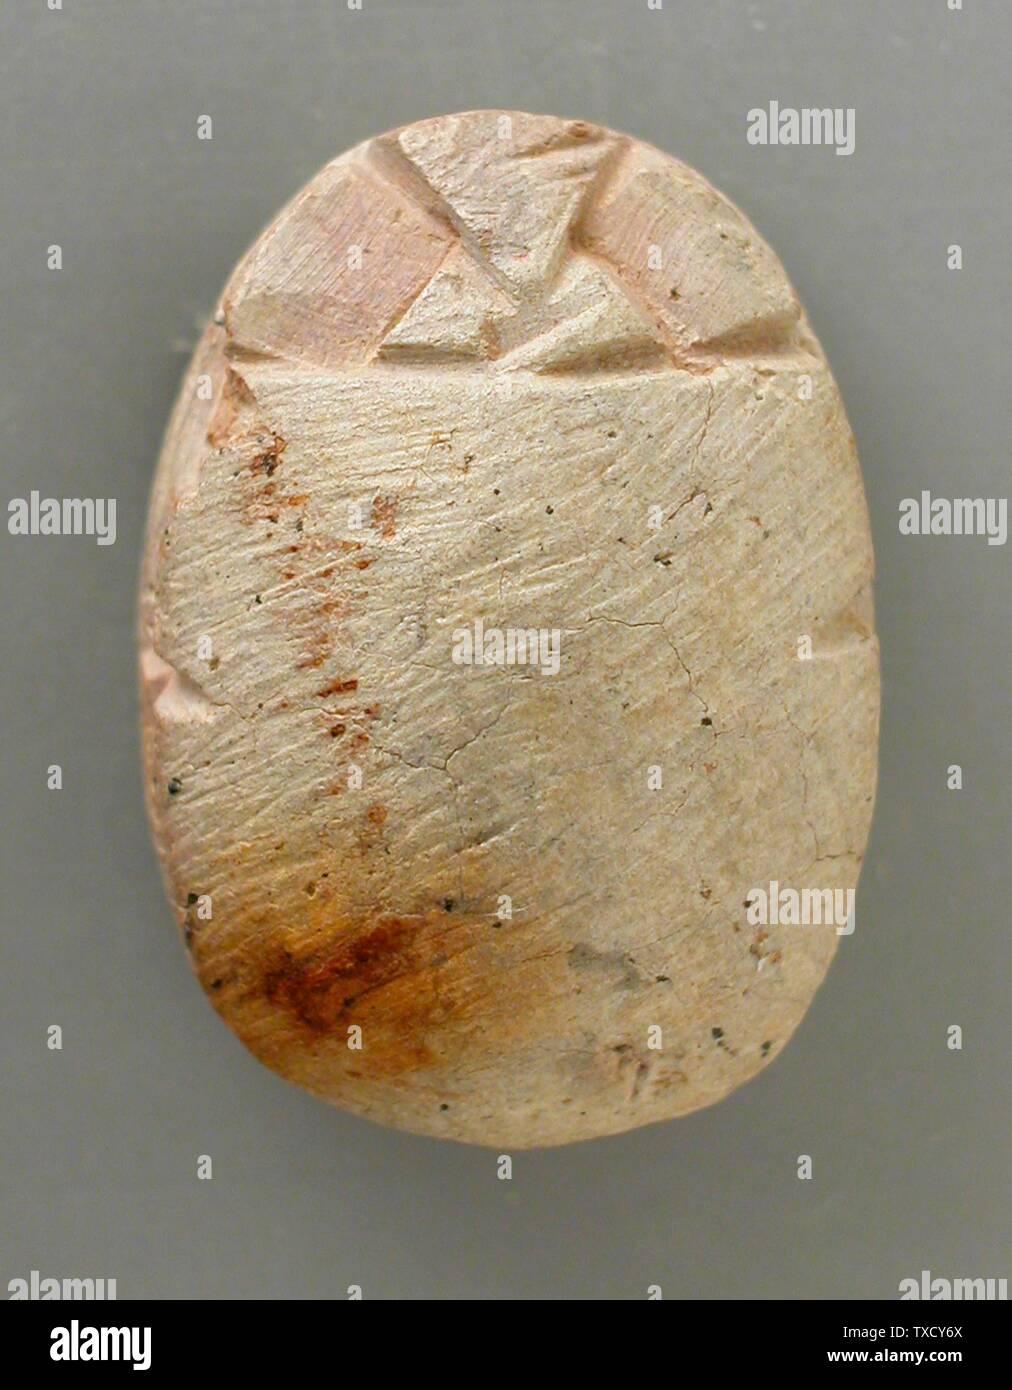 'Scarab con disegno geometrico (immagine 2 di 2); scultura in steatite Bianca 11/16 x 1/2 x 1/4 in. (1.69 x 1.21 x .71 cm) dono di Hyatt Robert von Dehn (M.69.91.235) Arte Egizia; ' Immagini Stock